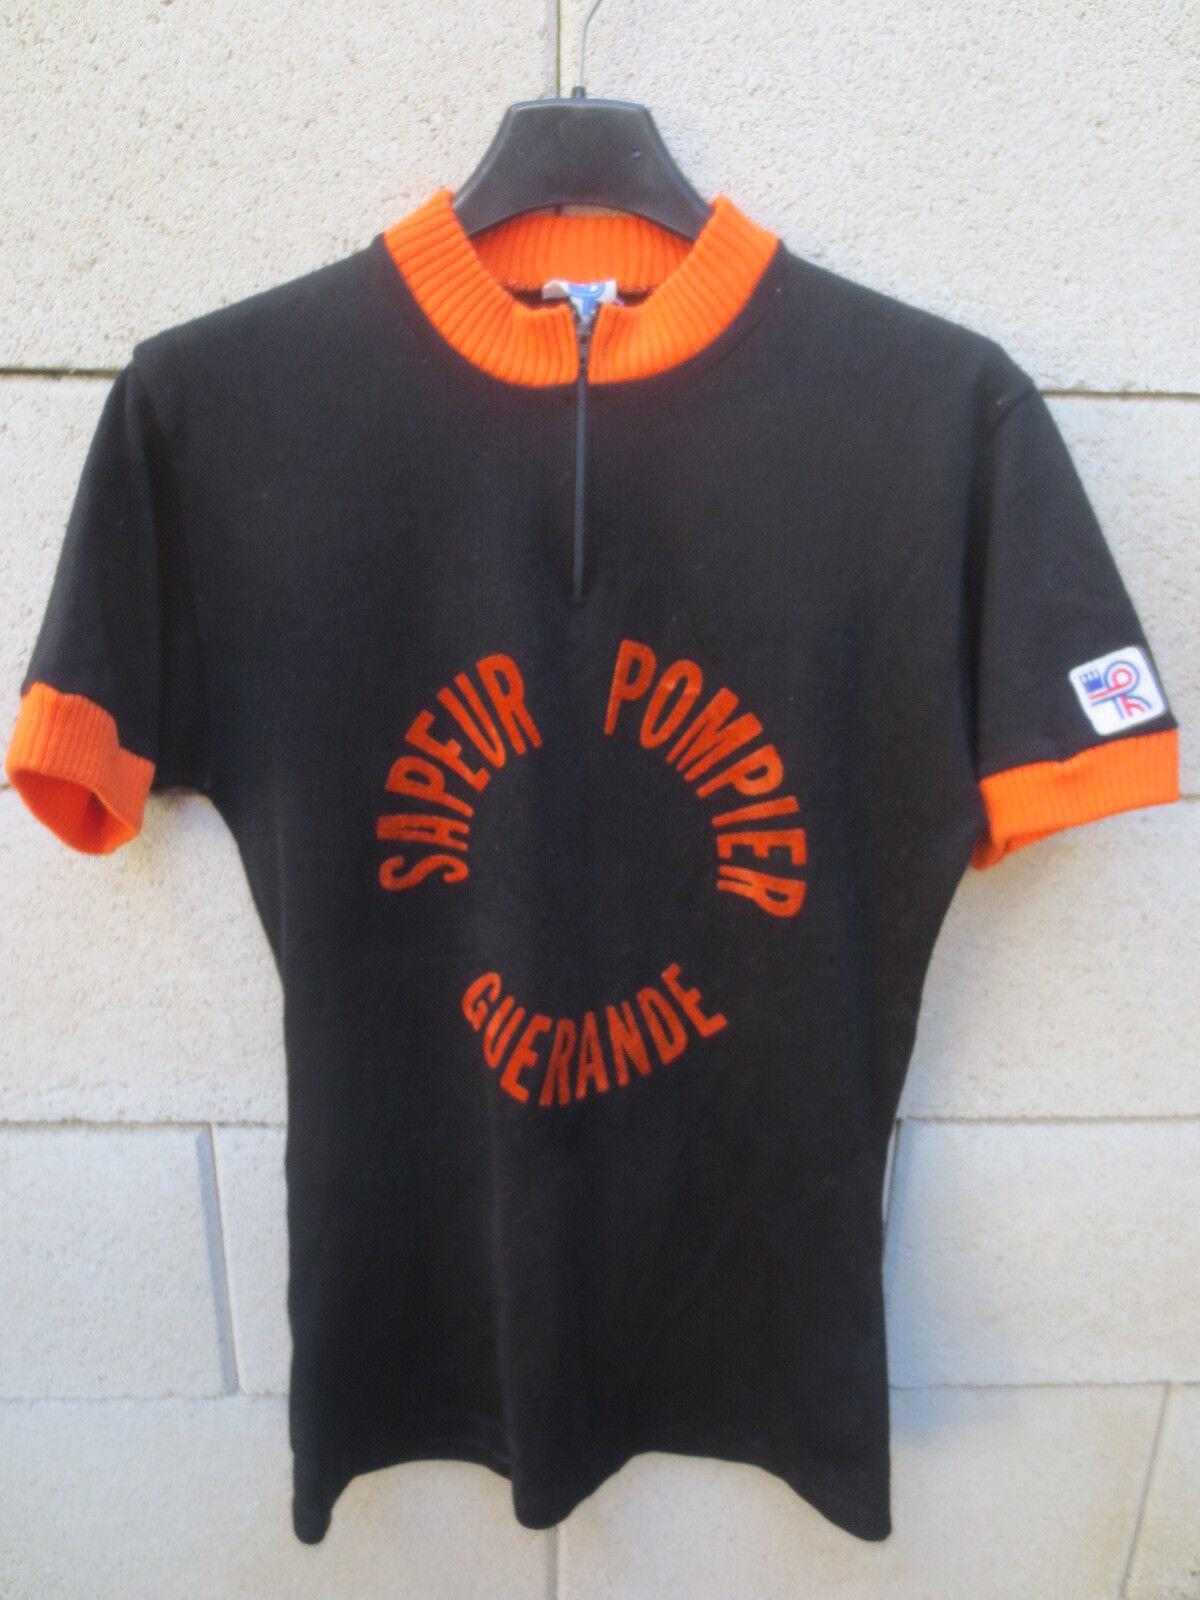 VINTAGE Maillot cycliste SAPEURS POMPIERS GUERANDE années 70 black orange shirt 3